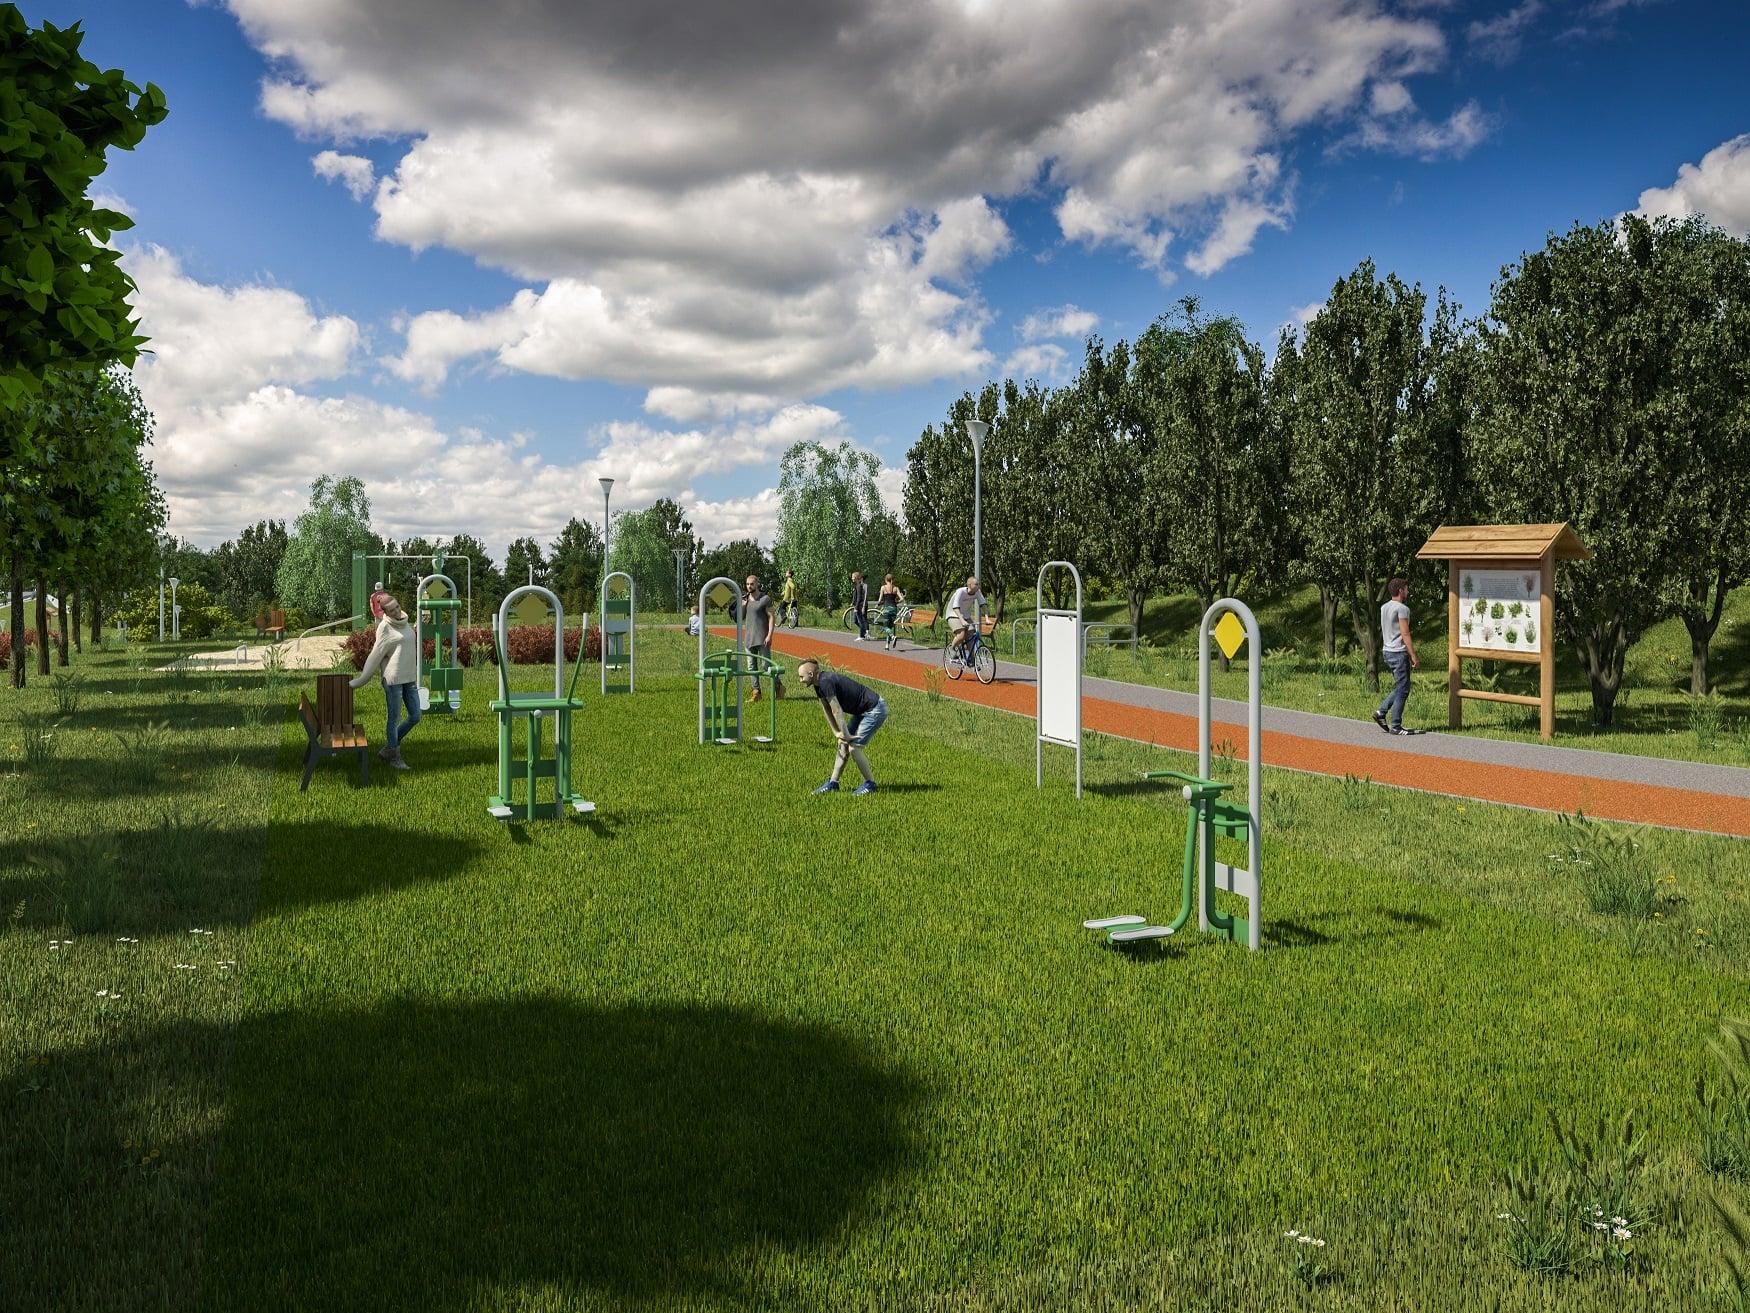 Wizualizacja otoczenia ścieżki pieszo-rowerowej w Rawie Mazowieckiej. Źródło: Urząd Miasta w Rawie Mazowieckiej